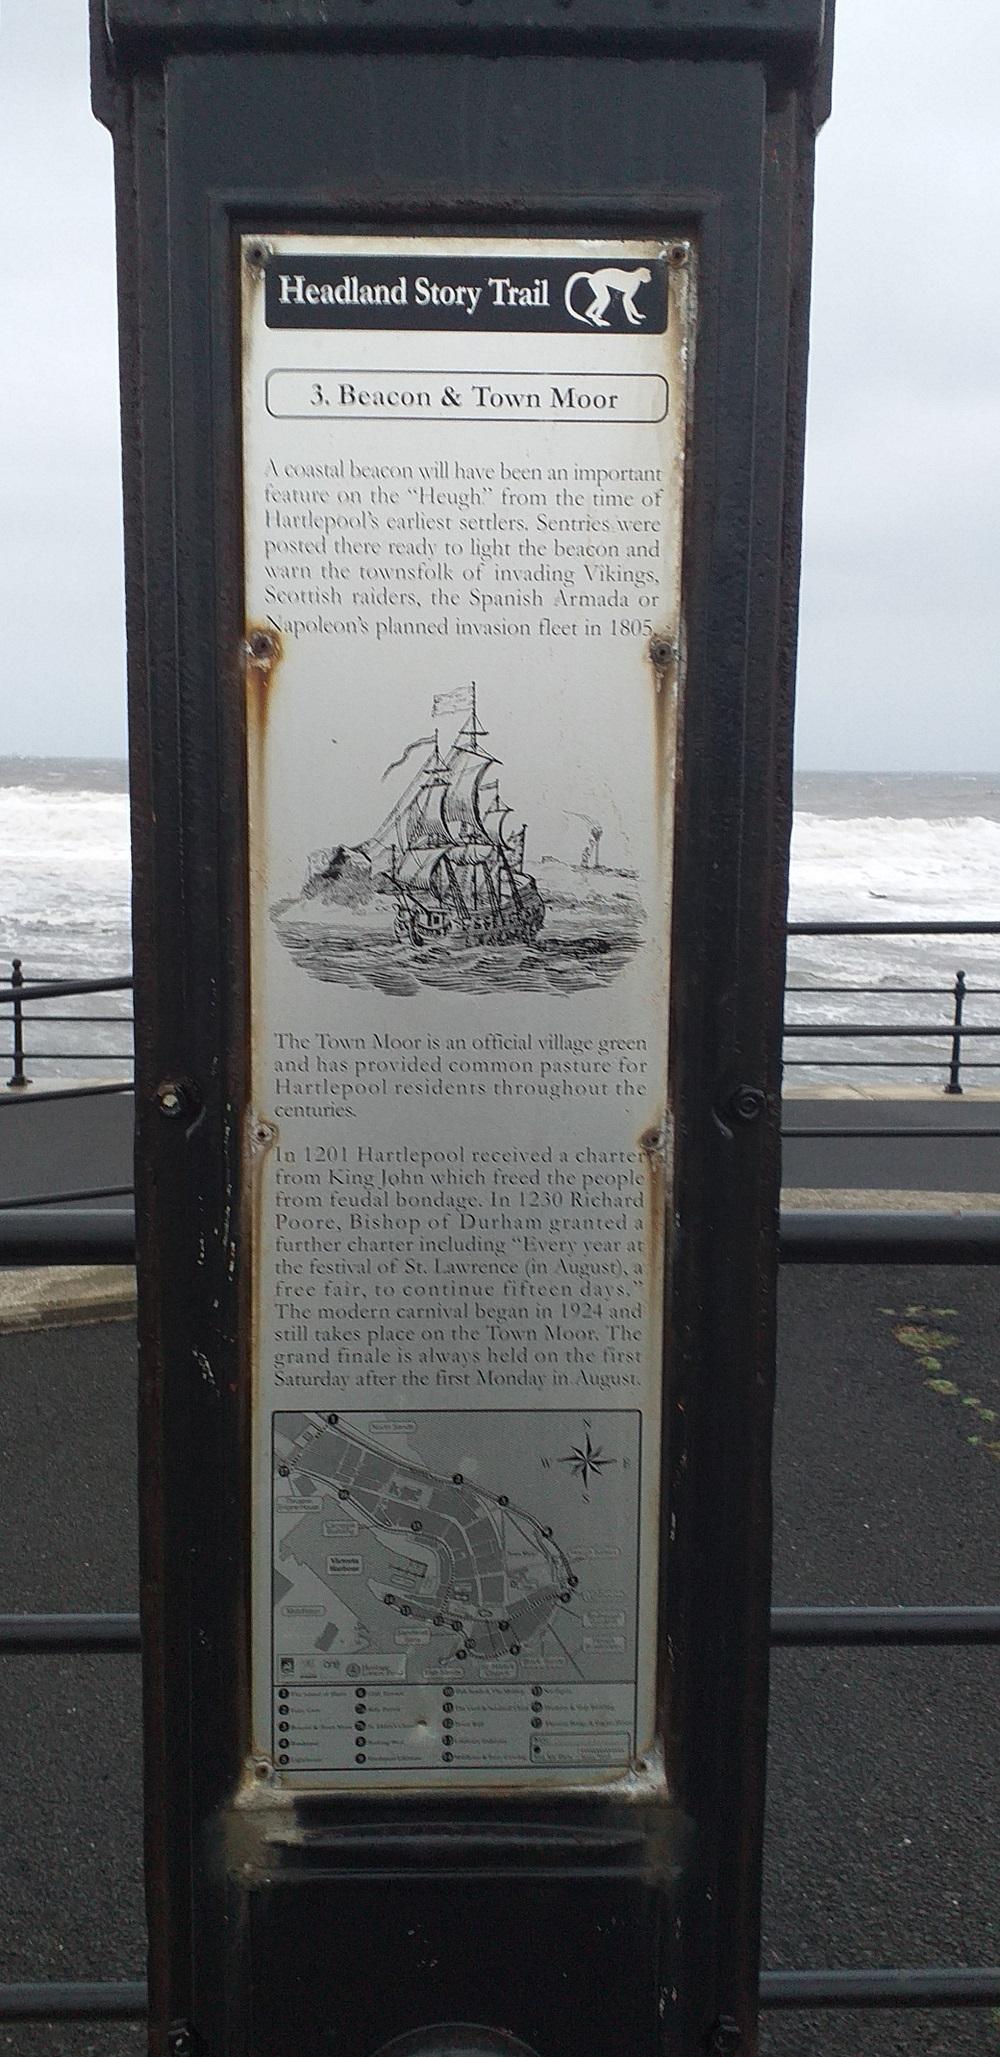 Headland Story Trail Marker no. 3 (Beacon & Town Moor)